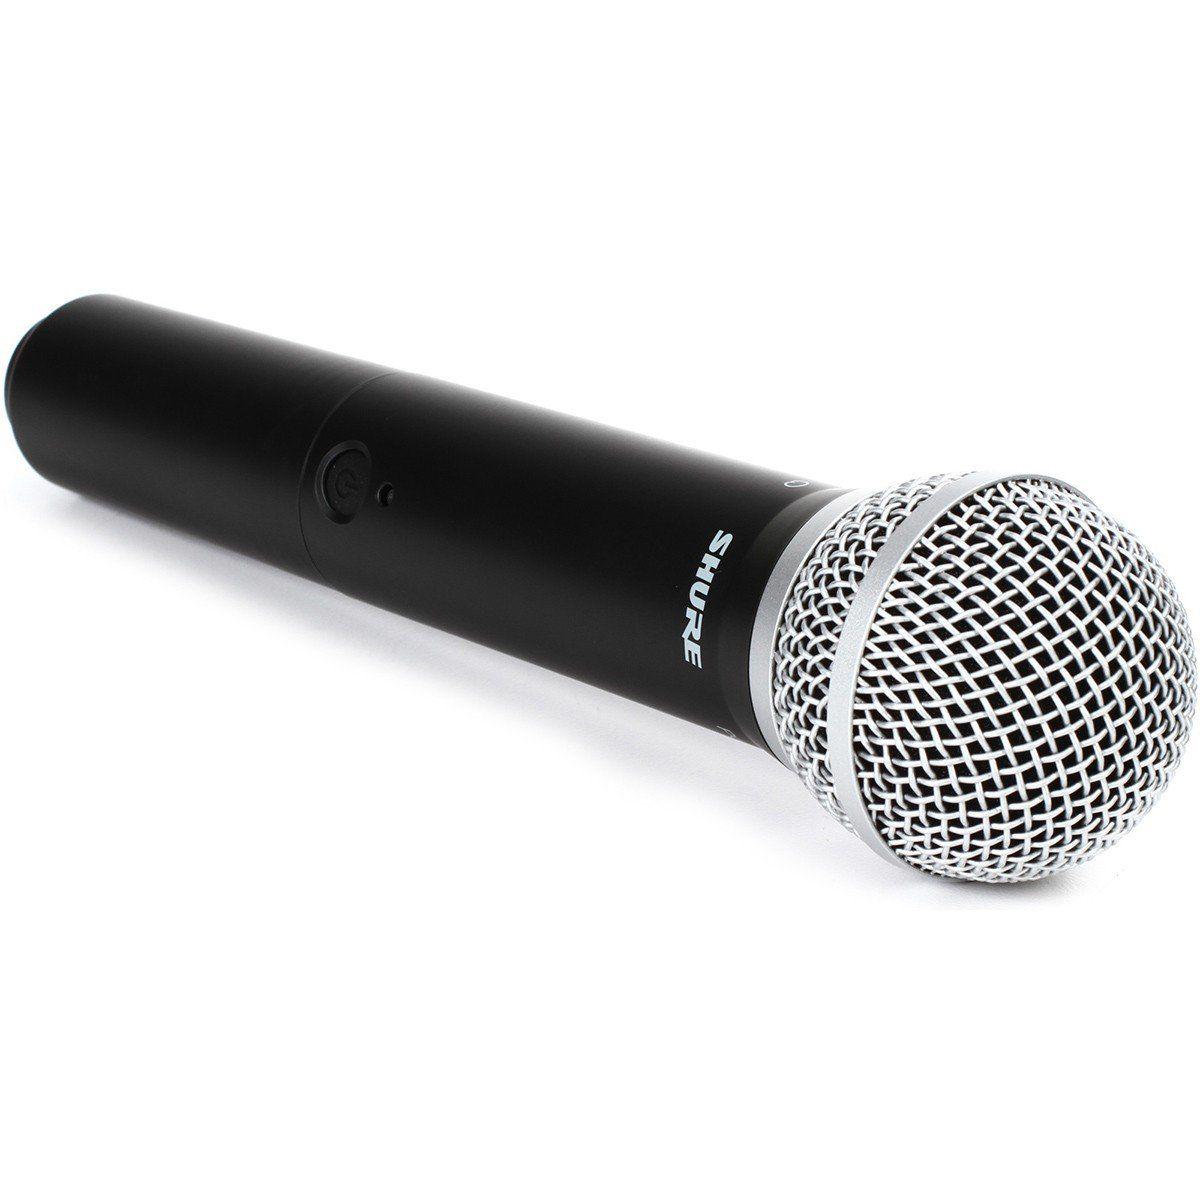 Shure BLX1288/P31 Microfone sem fio Shure BLX1288-P31 para Igrejas e Eventos